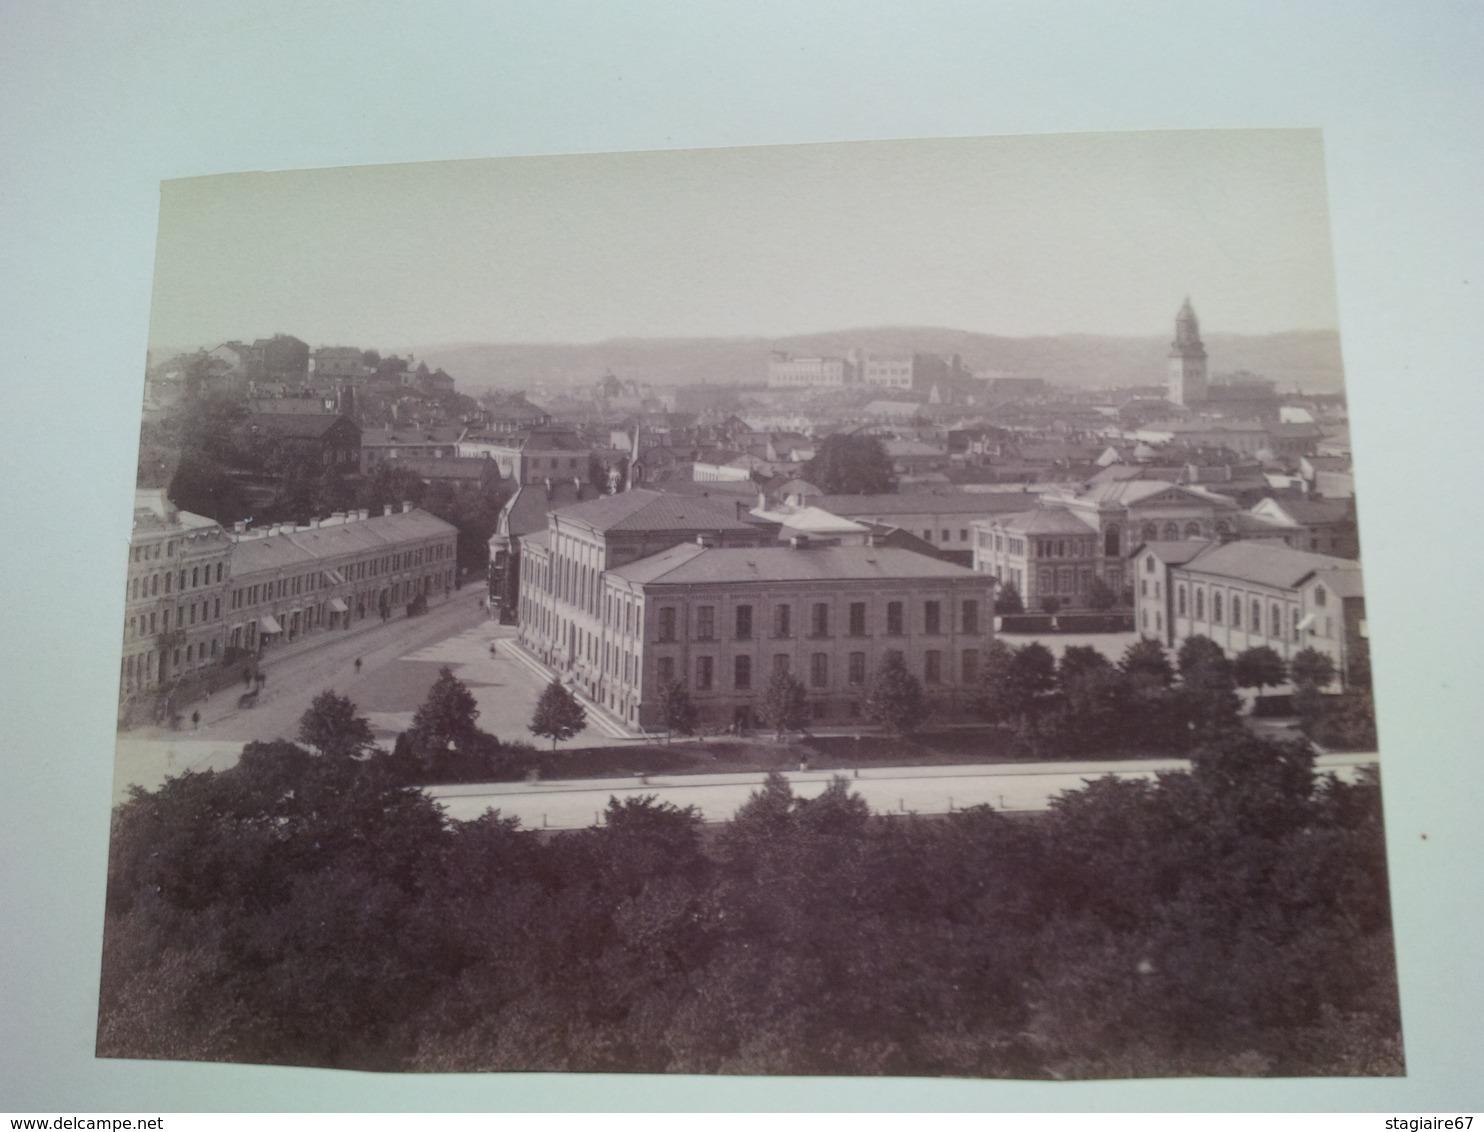 MAGNIFIQUE ALBUM PHOTO VOYAGE EN SCANDINAVIE 1898 TRES BELLES PHOTOGRAPHIES - Albums & Collections